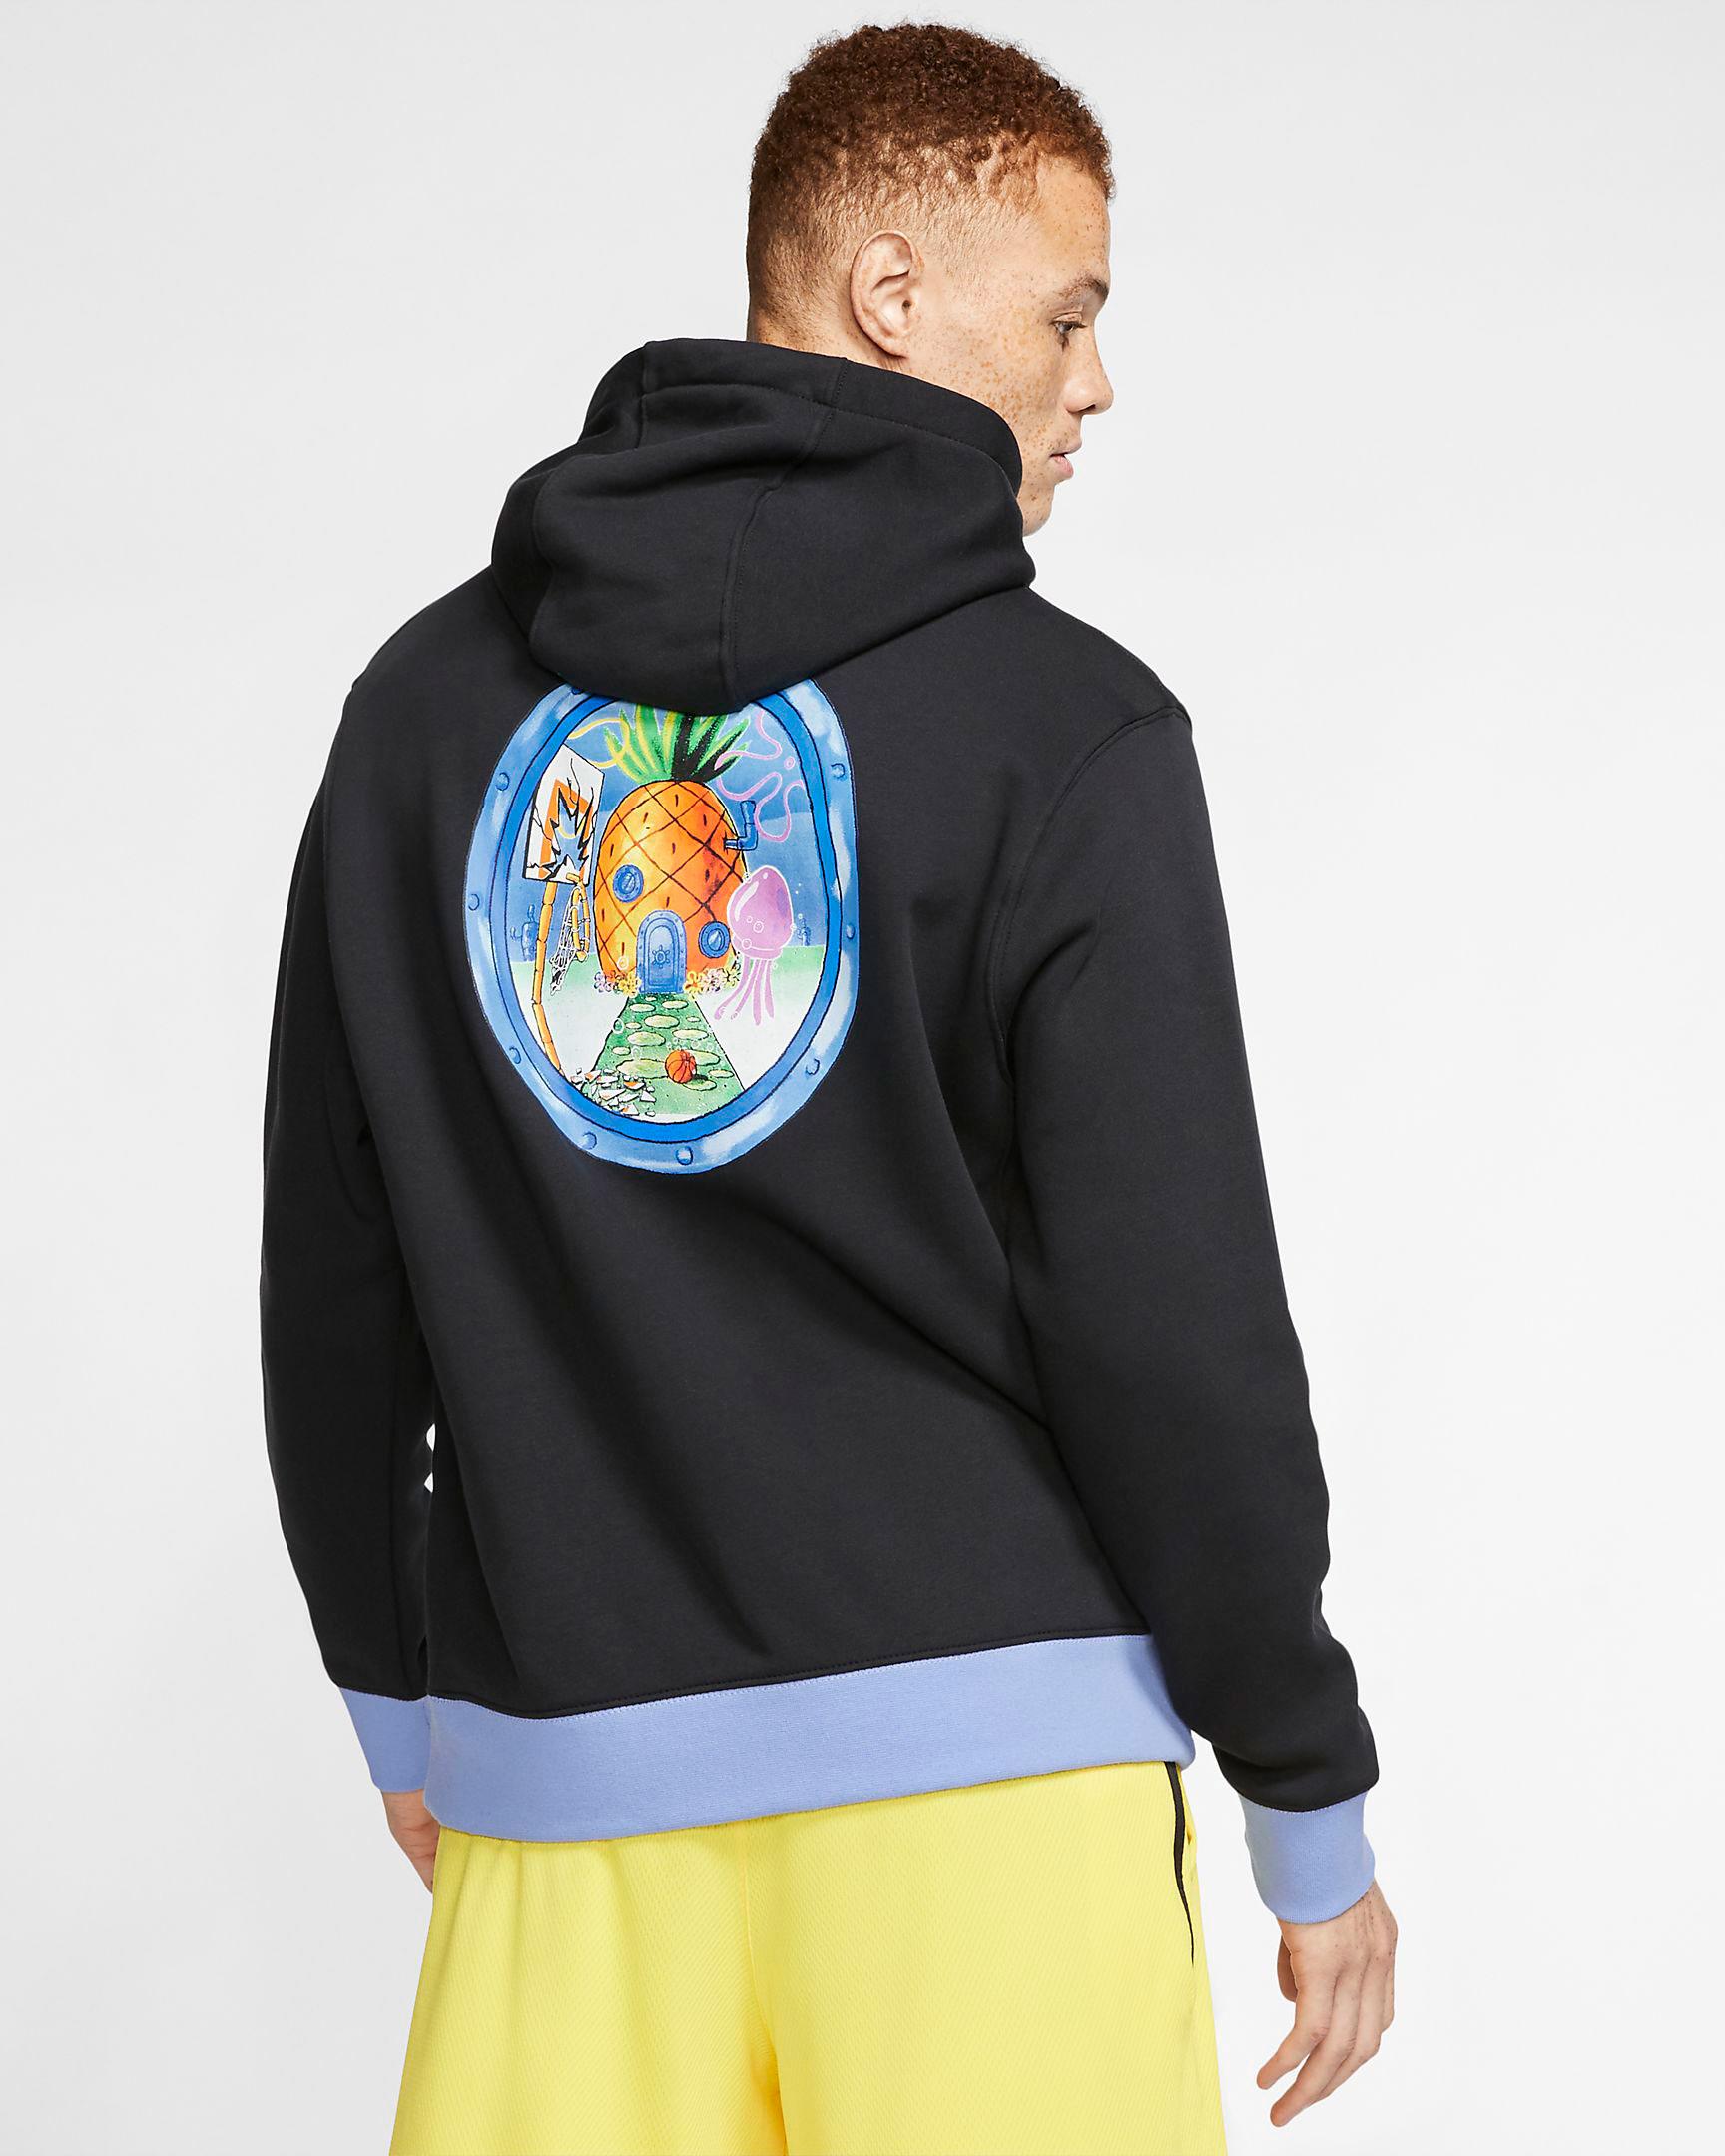 spongebob-nike-kyrie-pineapple-house-hoodie-2